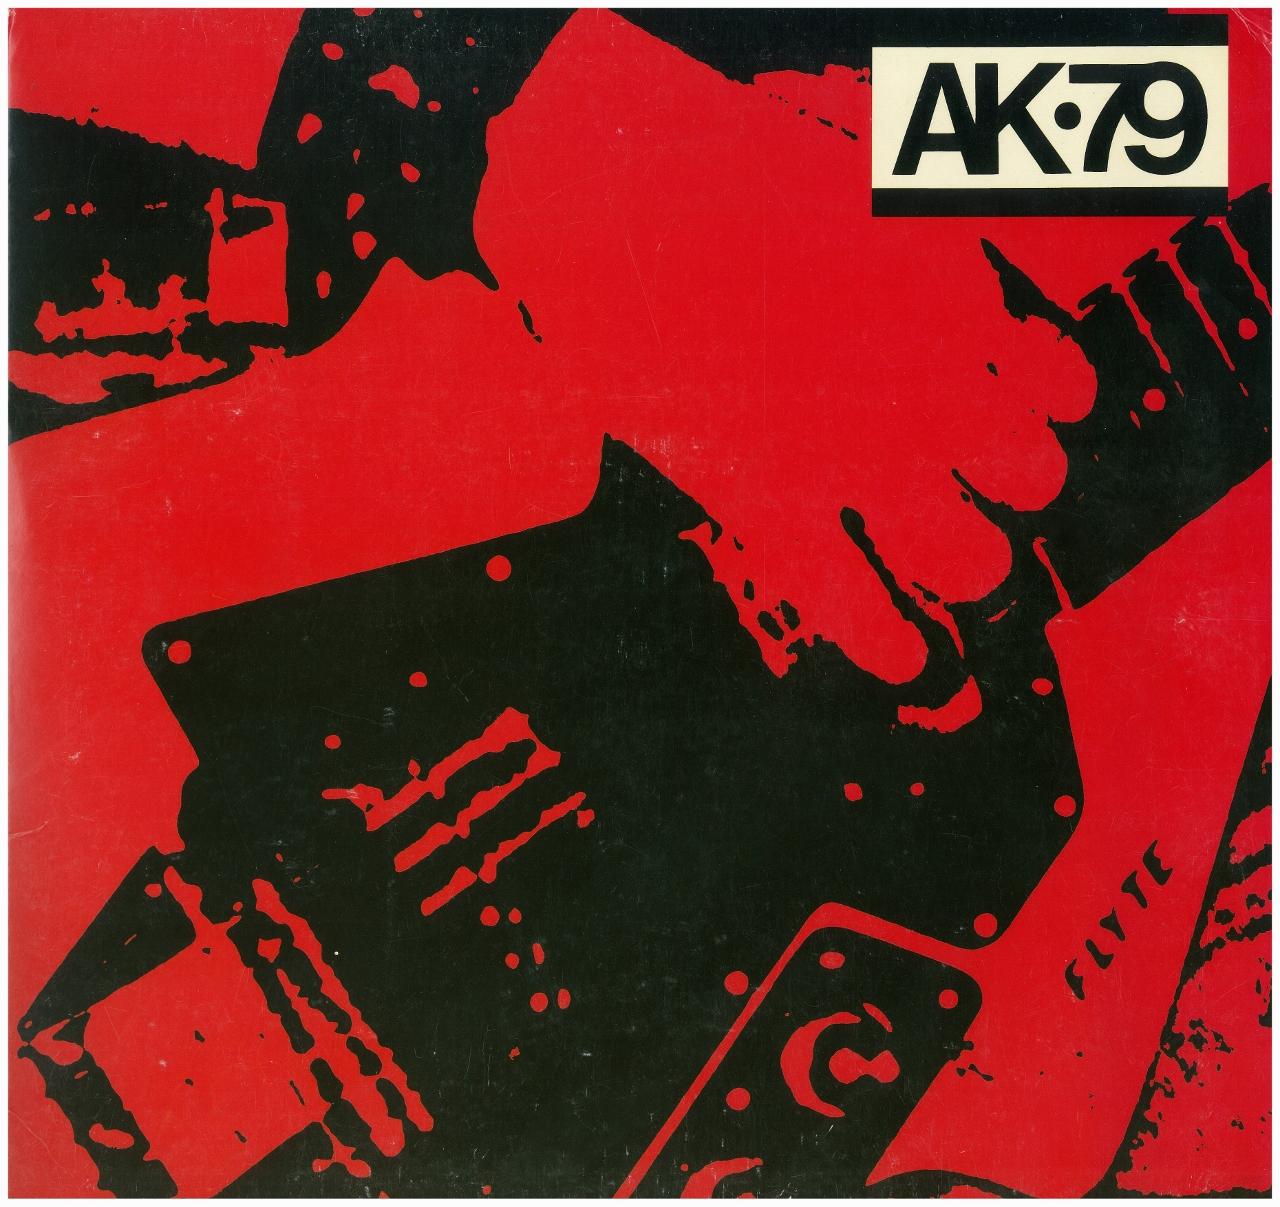 DUNEDIN SOUND TAPES - La mejor música neozelandesa de los 80 y 90. - Página 4 AK79-Red-1280x12071